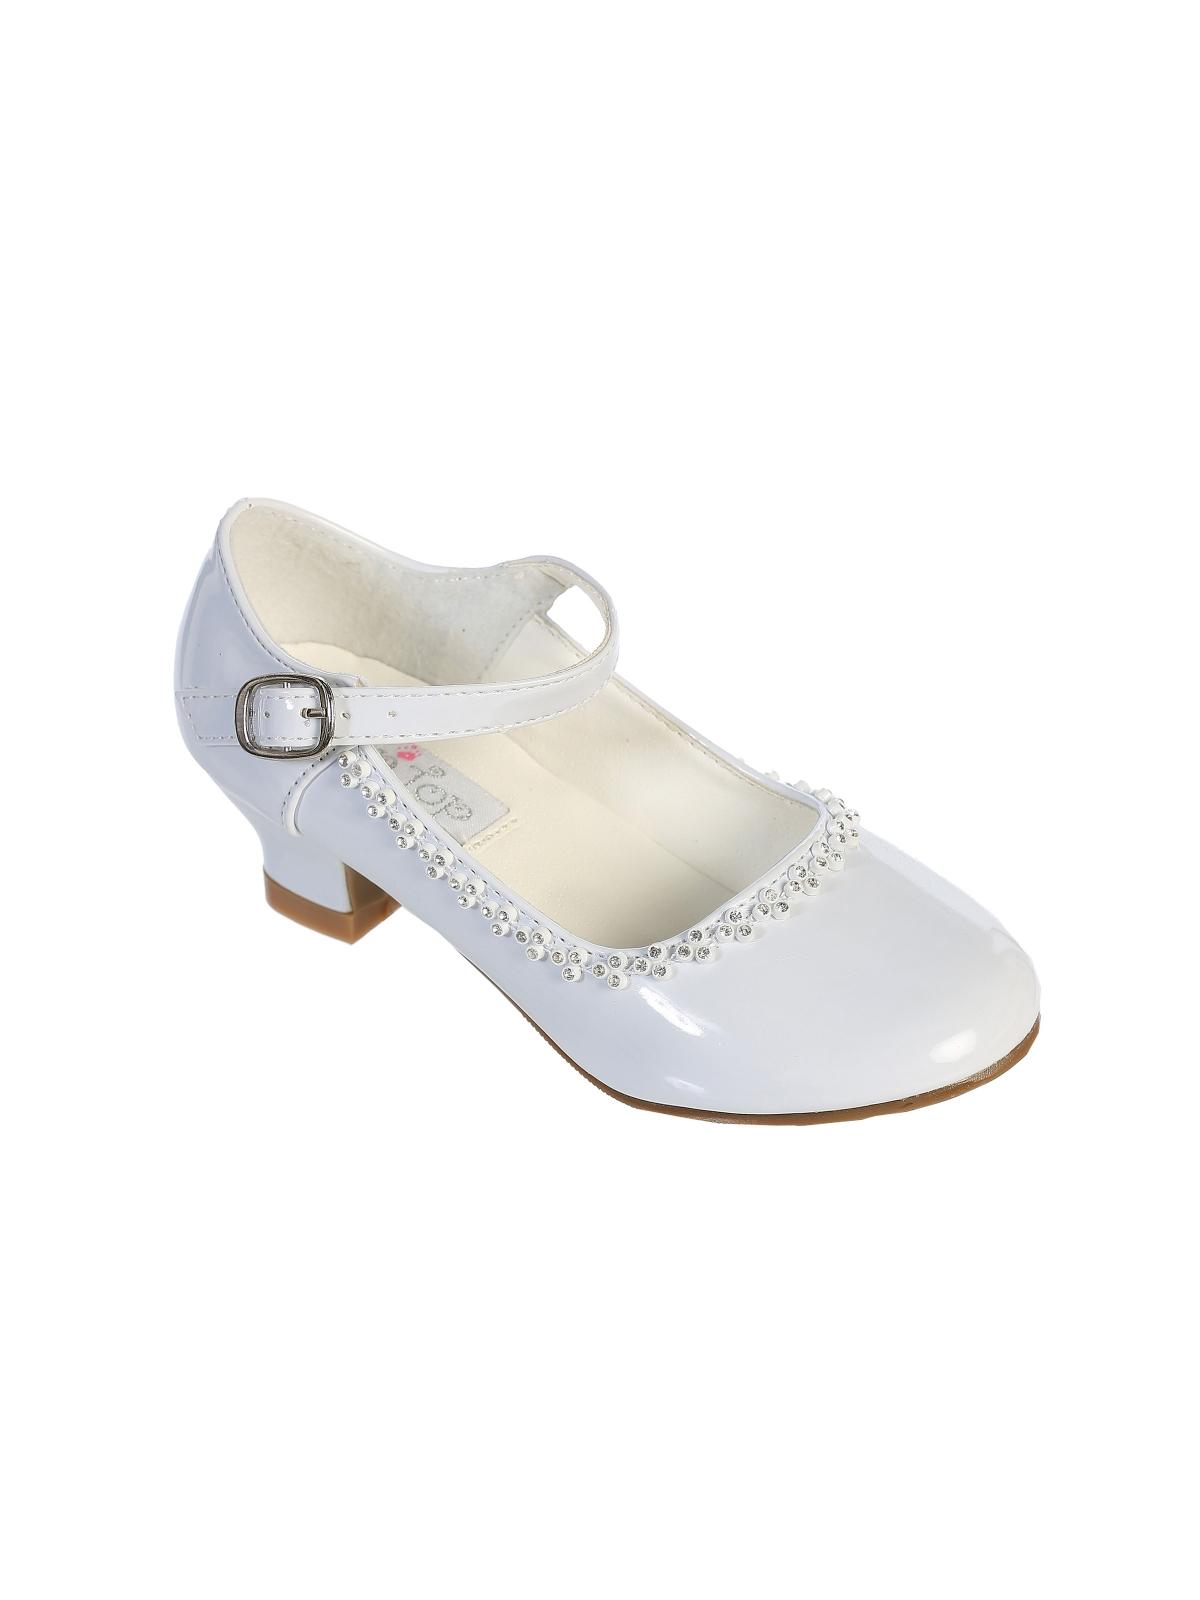 Shoes Flower Girl Dresses Flower Girl Dress For Less